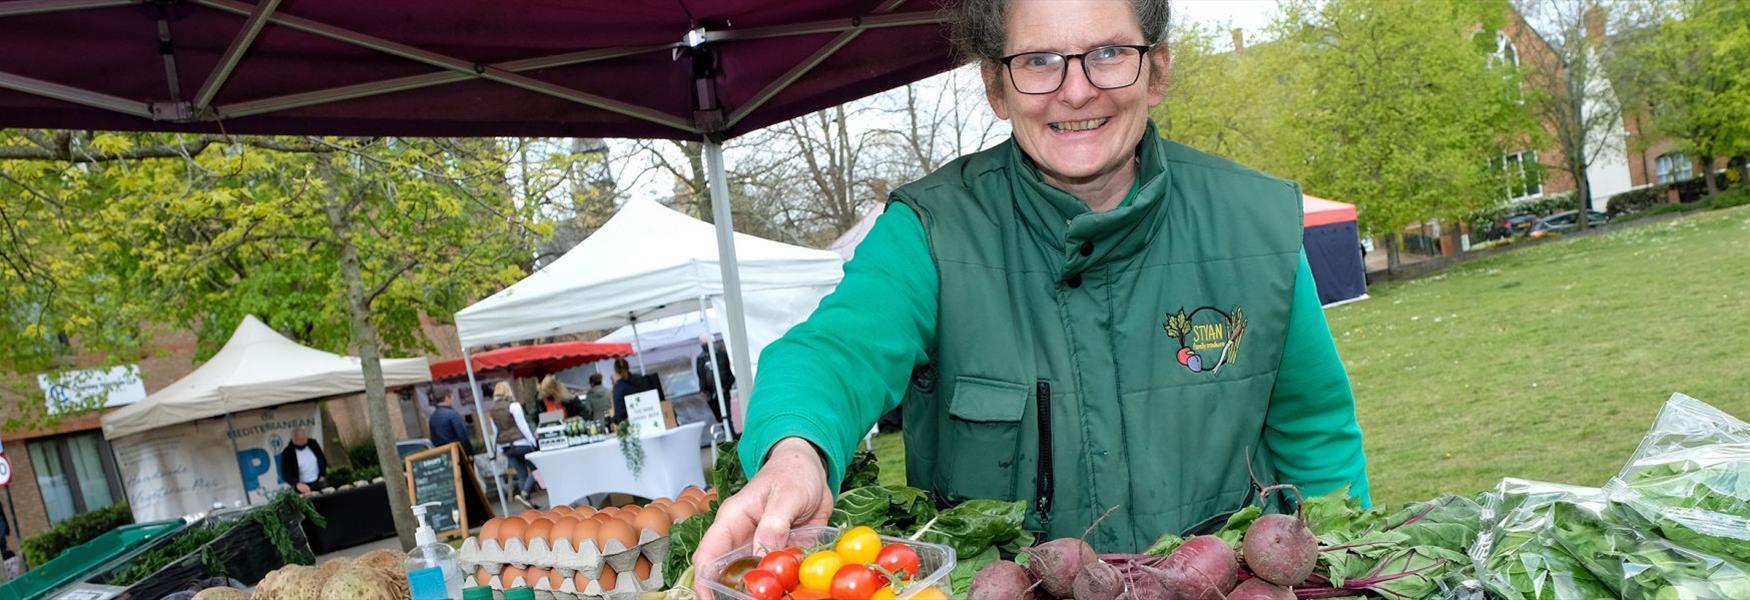 Windsor Farmers' Market, photo Mike Swift